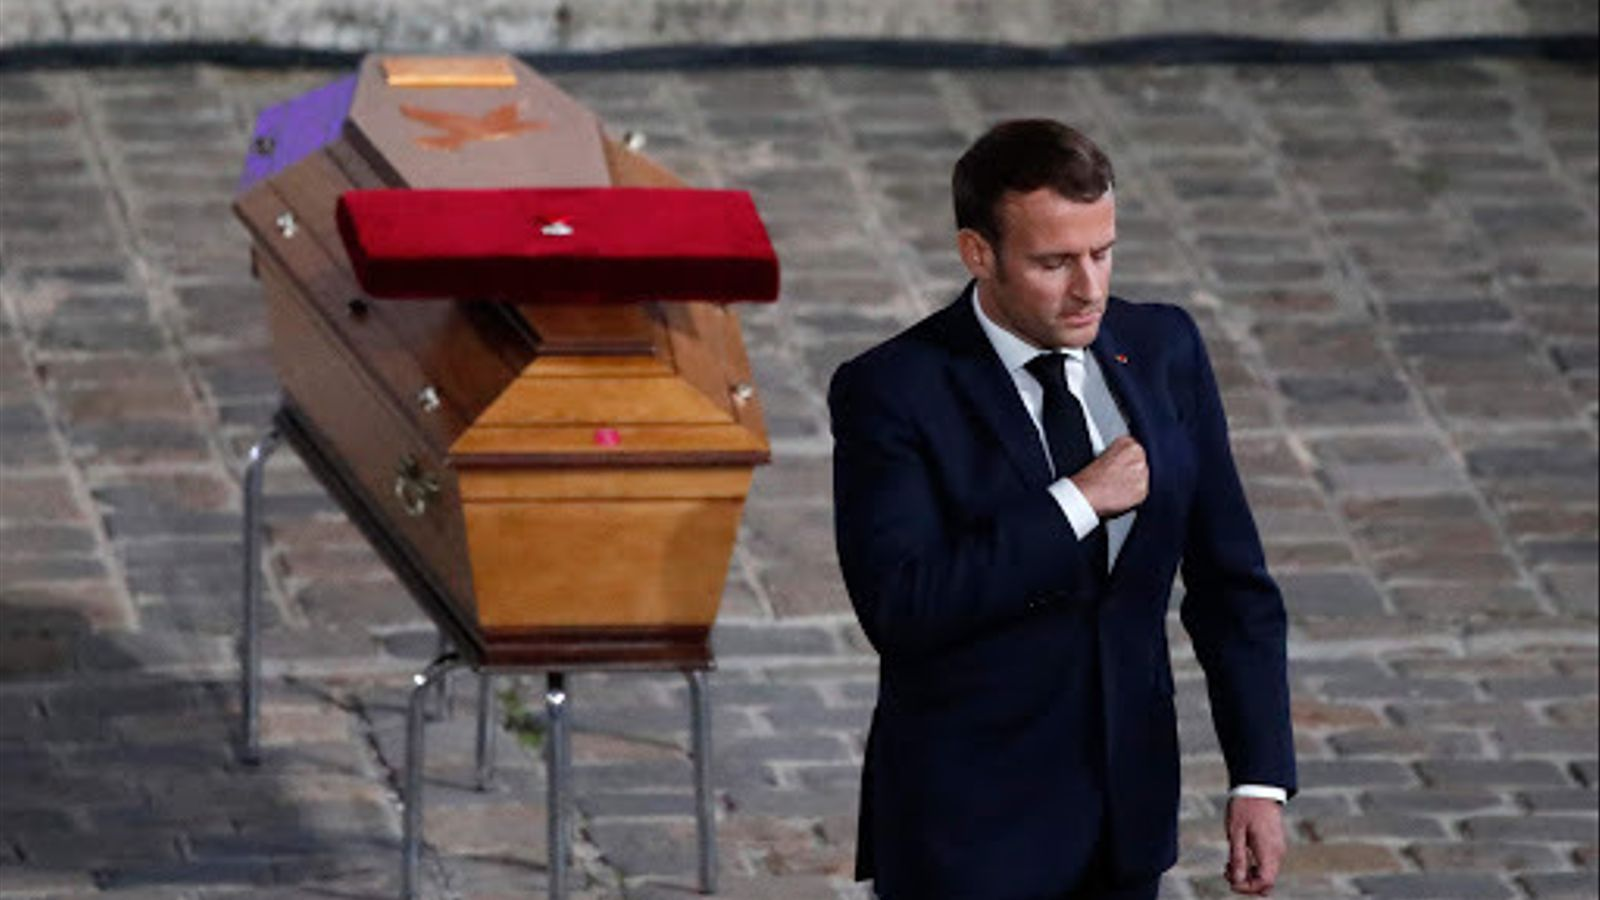 El president francès, Emmanuel Macron, aquest dijous durant la cerimònia d'estat en record de Samuel Paty, el professor decapitat divendres als afores de París.